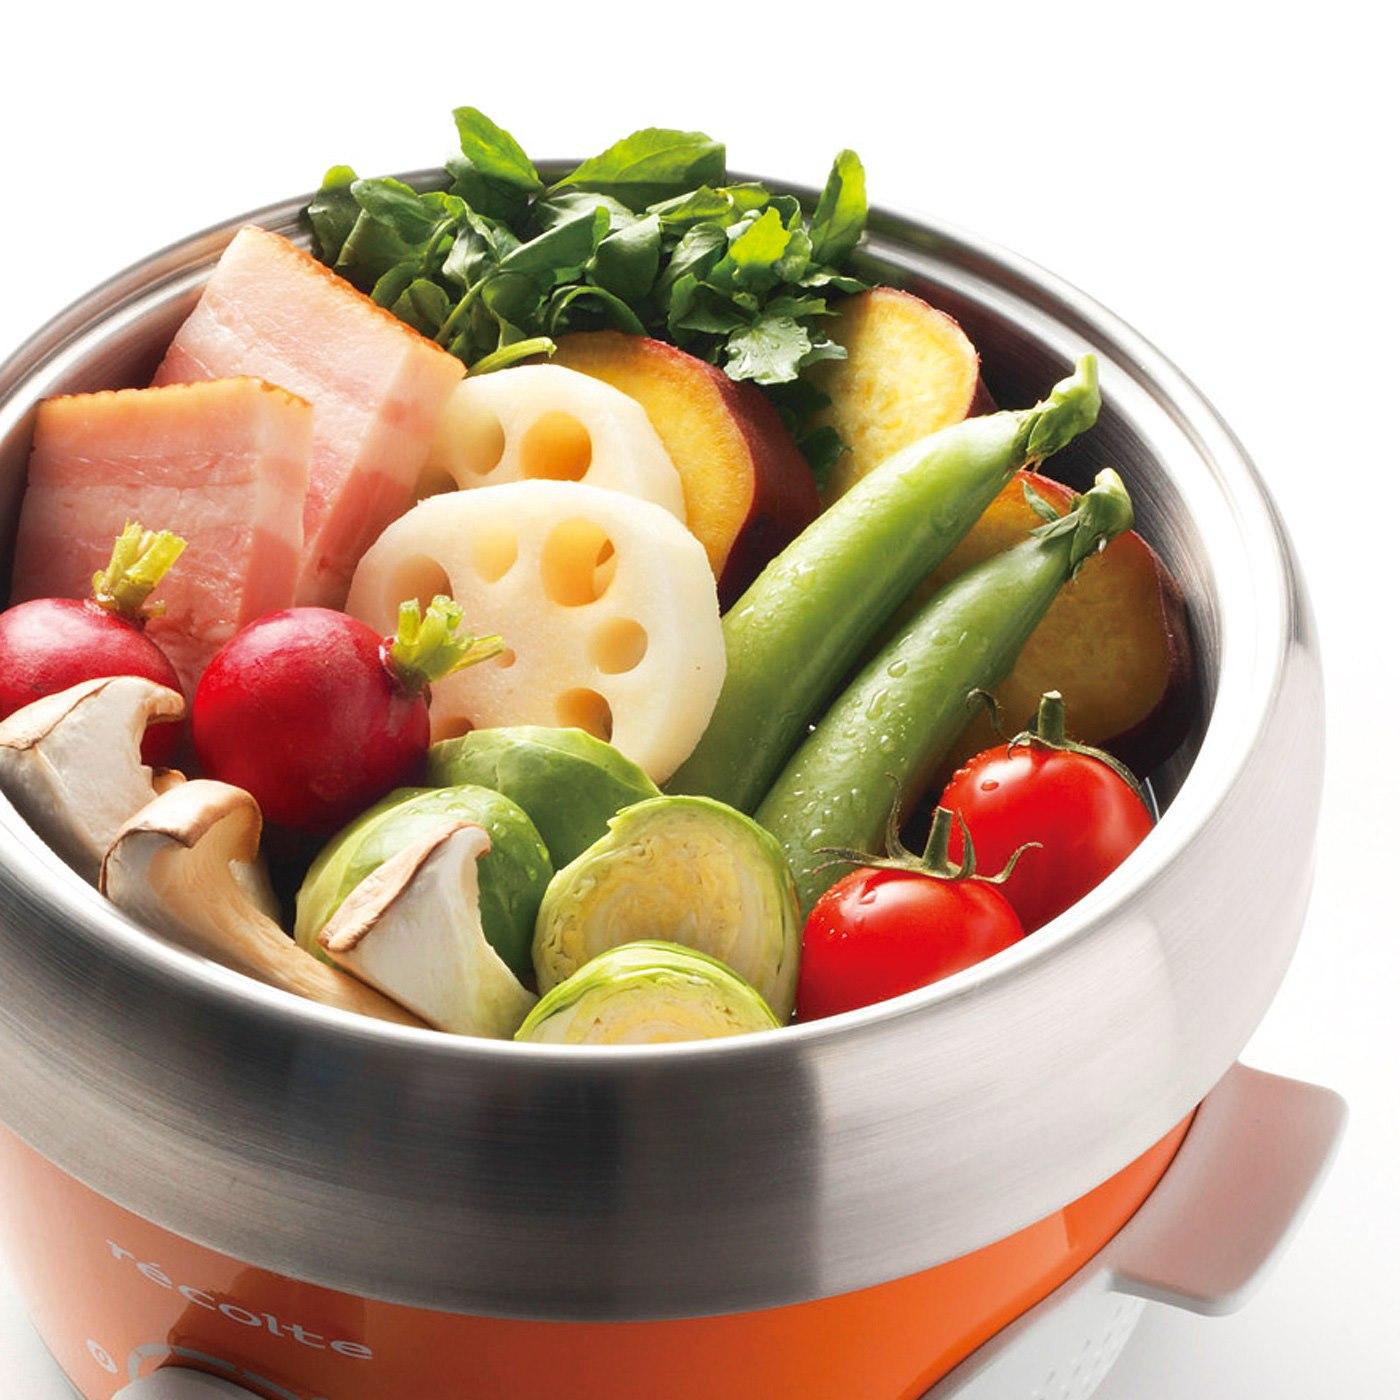 野菜を蒸してバーニャカウダに。 ※お届けするカラーとは異なります。